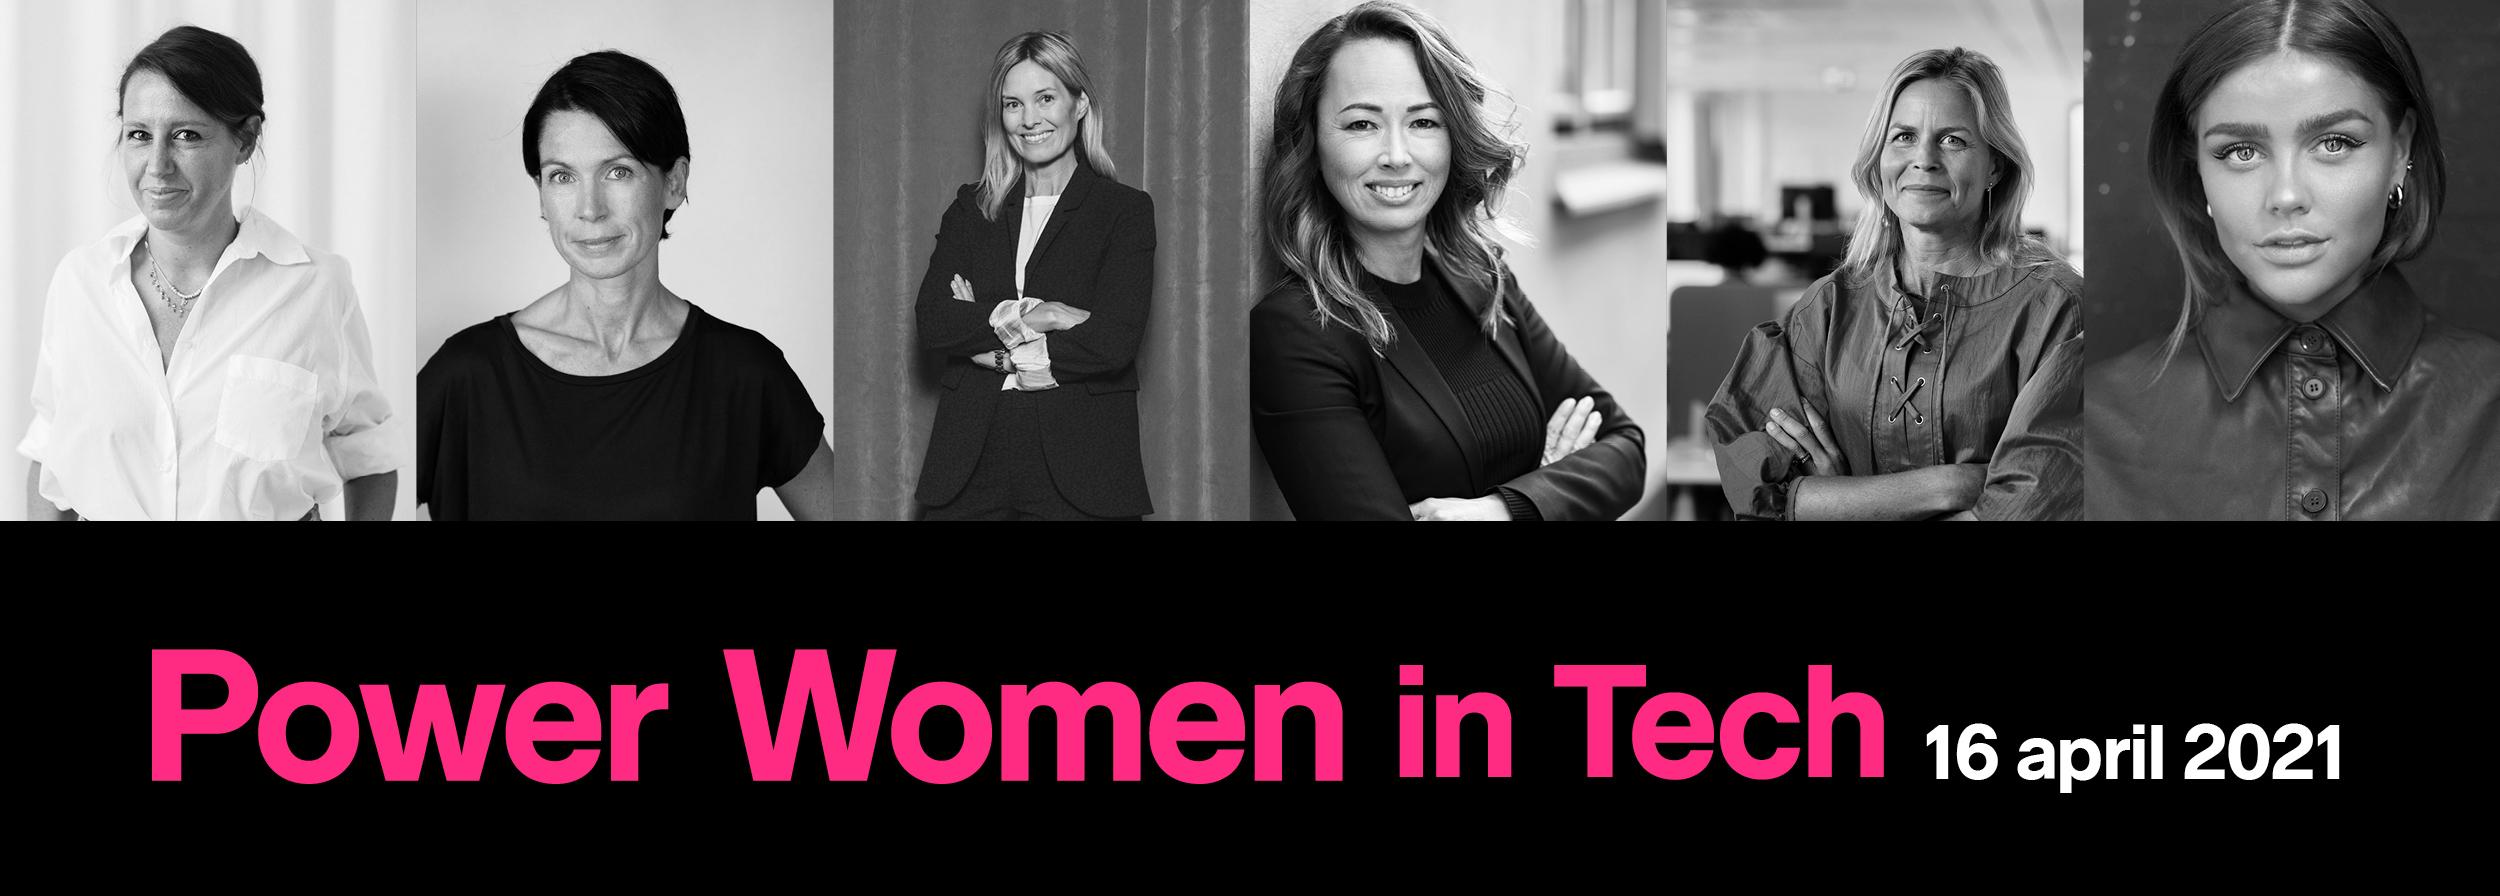 Power Women in Tech 16 april